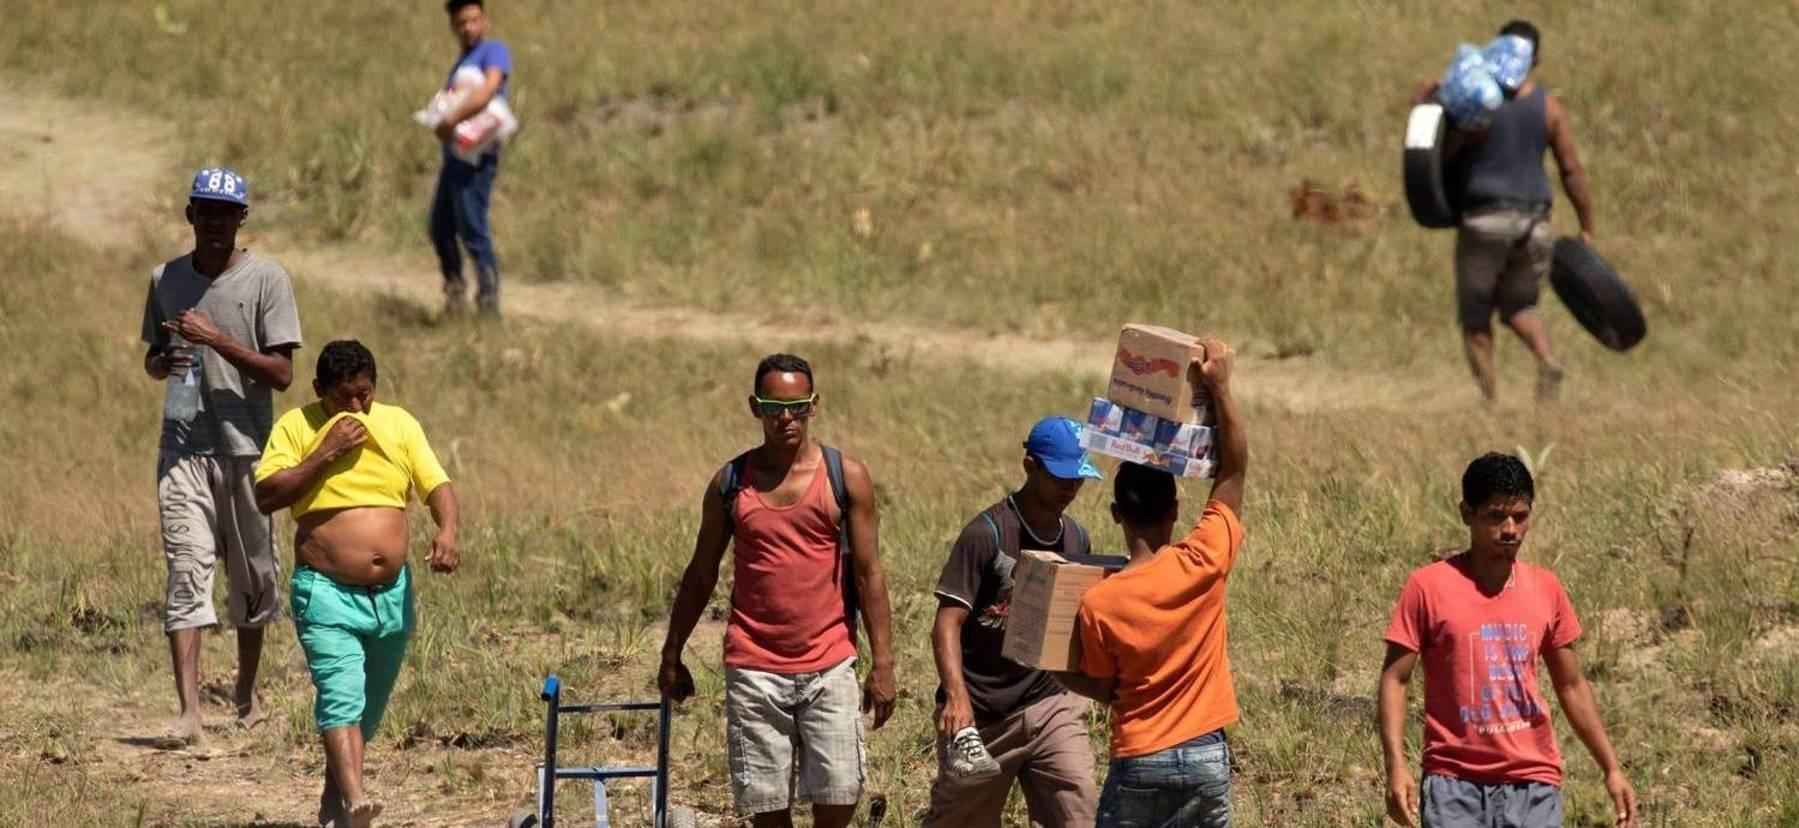 Venezuelanos usam caminho alternativo para cruzar a fronteira com o Brasil, em Pacaraima (RR) (Joédson Alves/EFE - 24.02.2019)